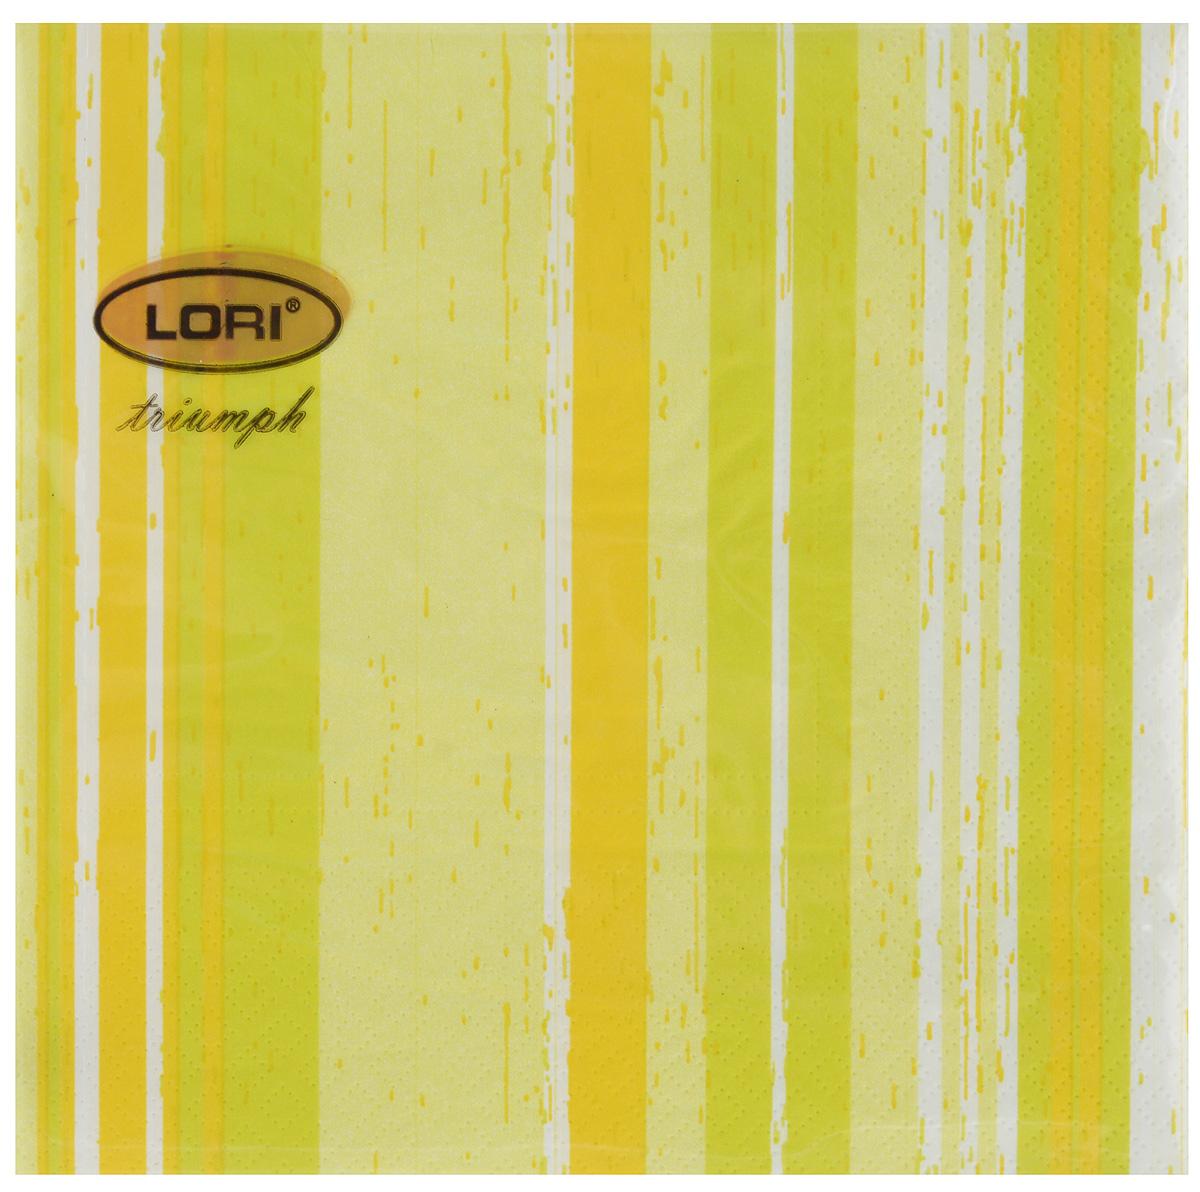 Салфетки бумажные Lori Triumph Полоски, трехслойные, цвет: салатовый, белый, 33 х 33 см, 20 шт56057Декоративные трехслойные салфетки Lori Triumph Полоски выполнены из 100% целлюлозы и оформлены ярким рисунком. Изделия станут отличным дополнением любого праздничного стола. Они отличаются необычной мягкостью, прочностью и оригинальностью. Размер салфеток в развернутом виде: 33 х 33 см.